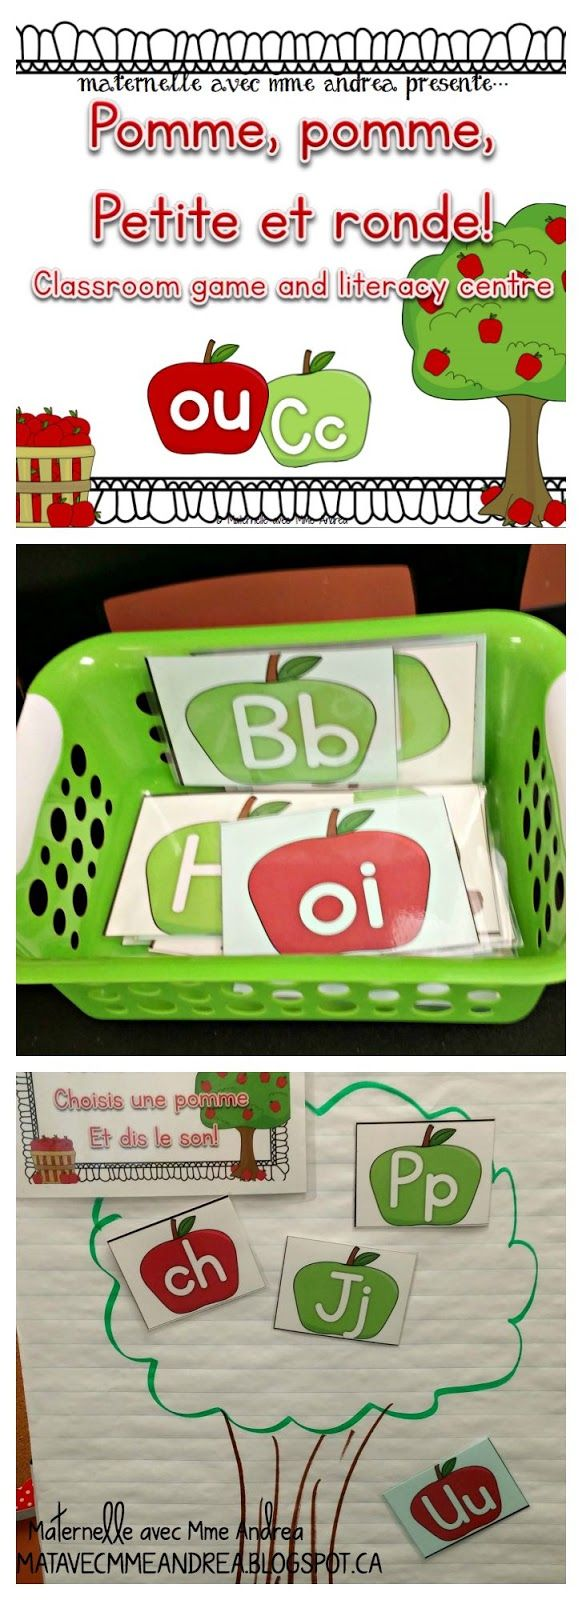 Pomme, pomme, petite et ronde! Un beau petit jeu à faire pendant les moments de transition, qui travaille les lettres et les sons. $